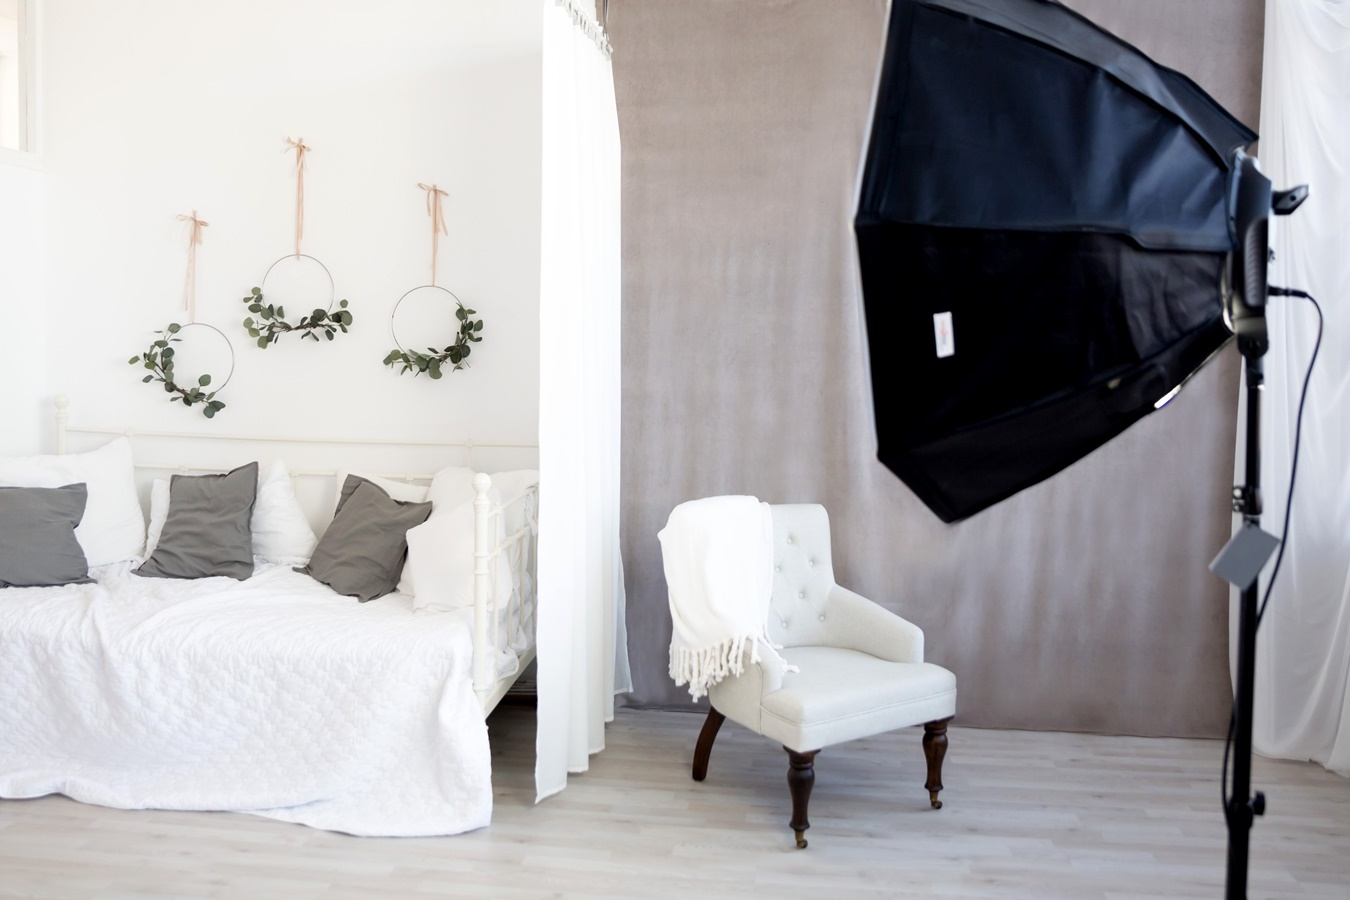 Studio miljö vår 2019 frokenfotostudio.se Fröken Foto Studio fotograf Malin Richardsson Skene Kinna Borås Kungsbacka (1).jpg